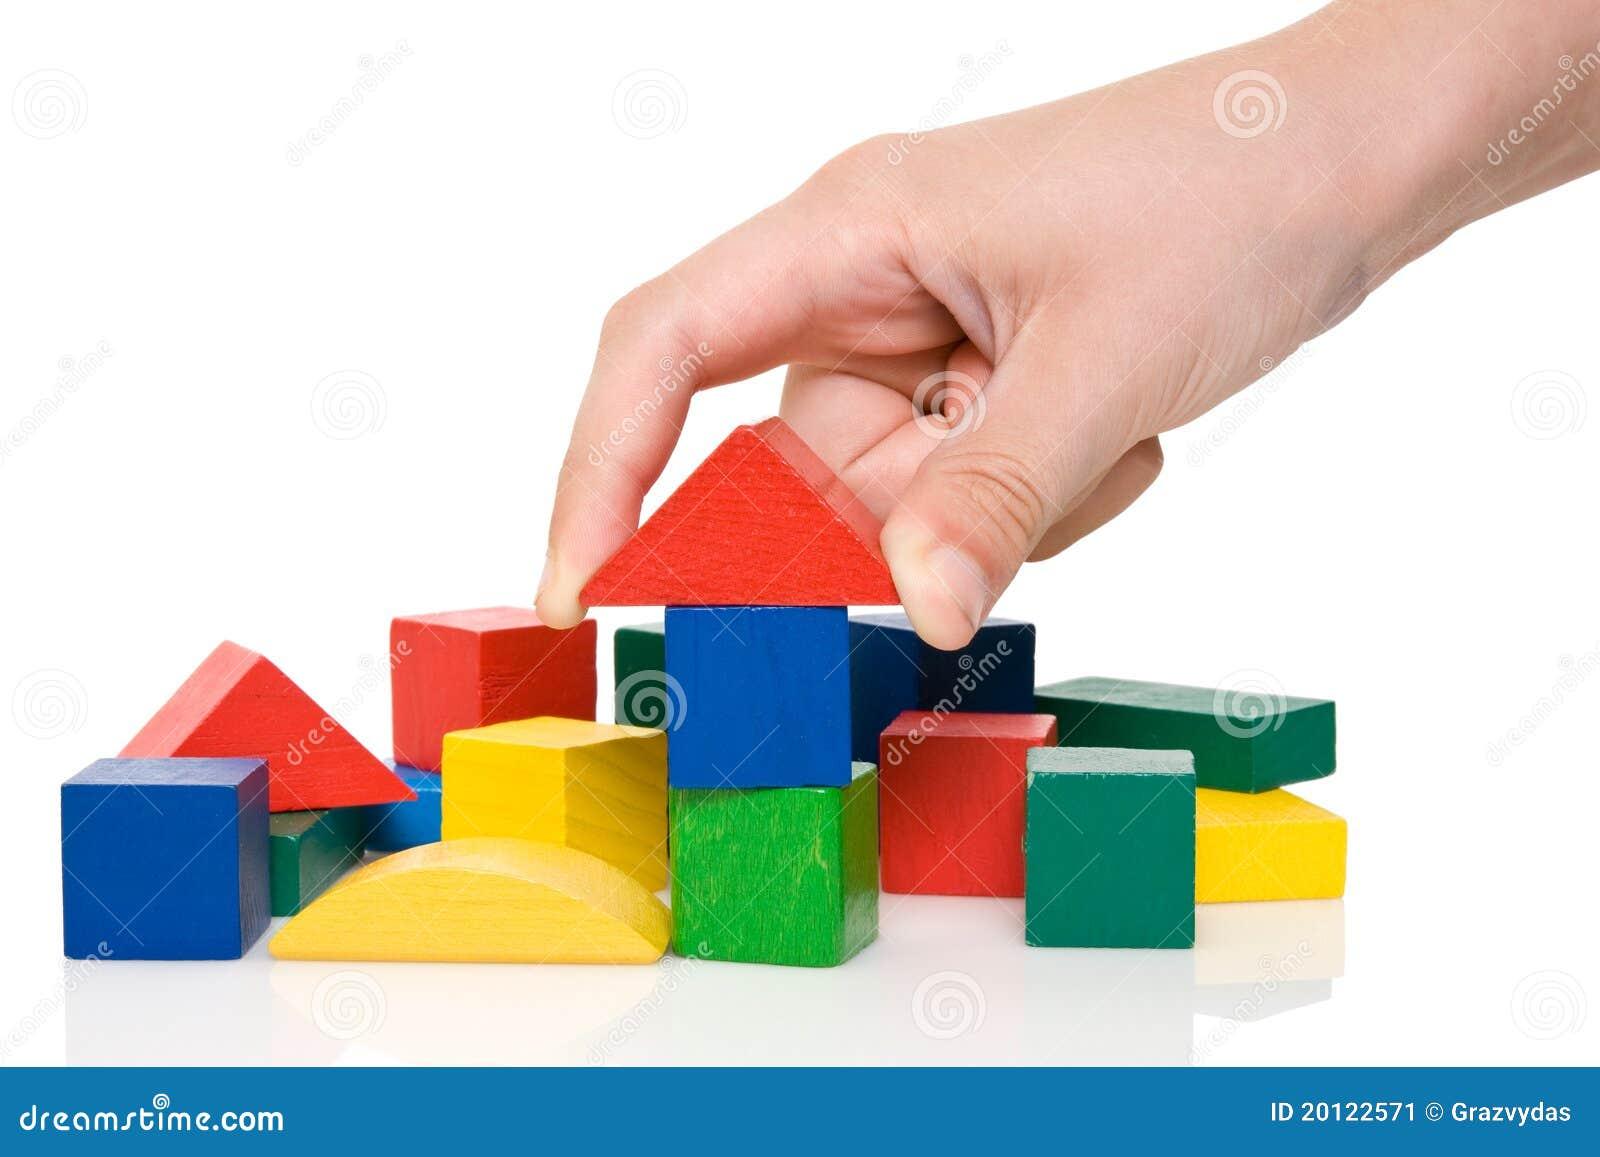 Hand bilden ein Gebäude von farbigen Blöcken.